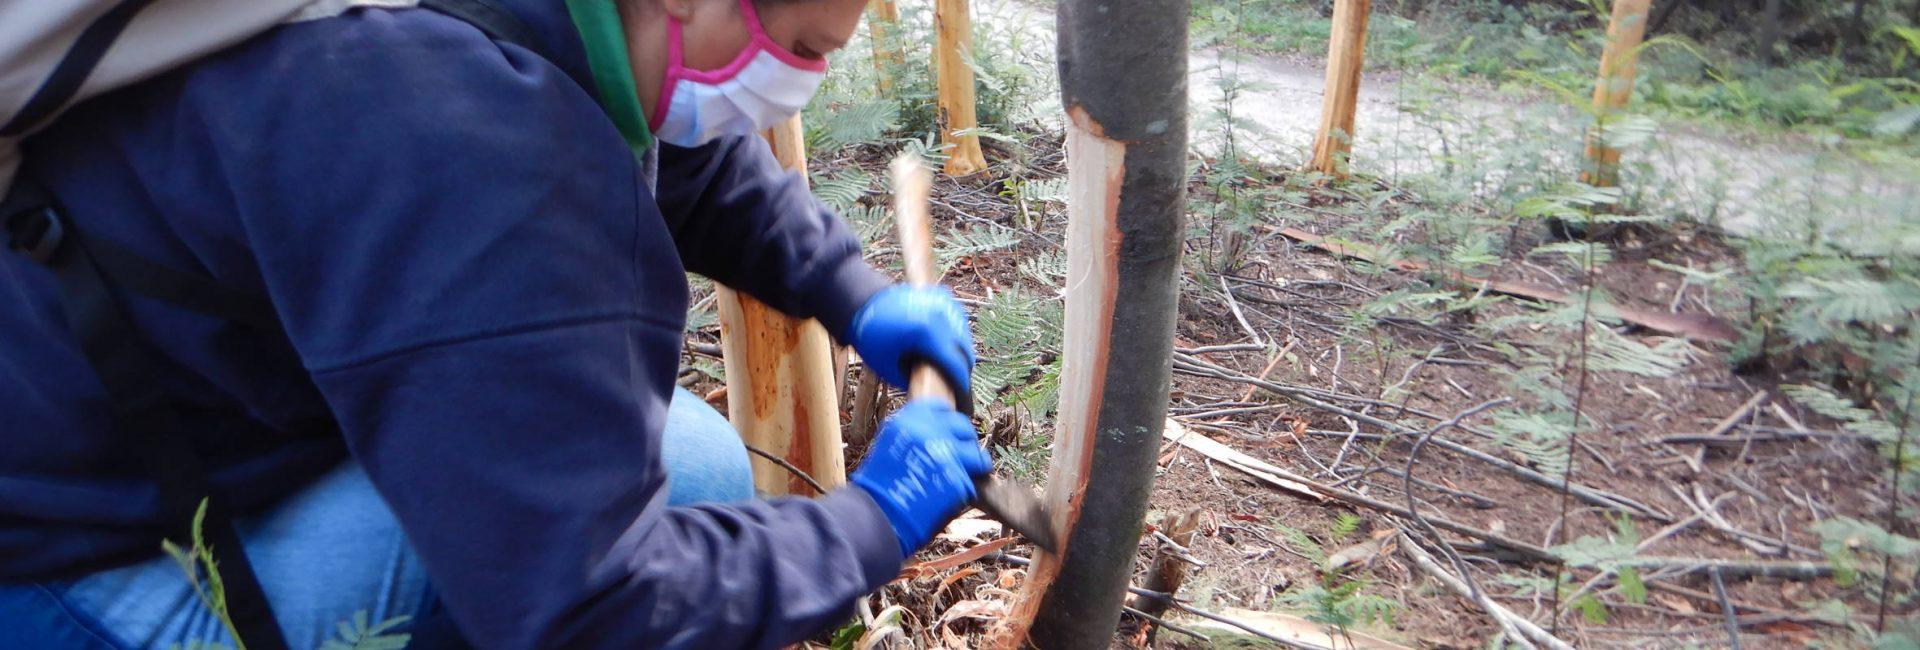 Voluntariado ambiental na Mata do Sobral contou com nova ação.